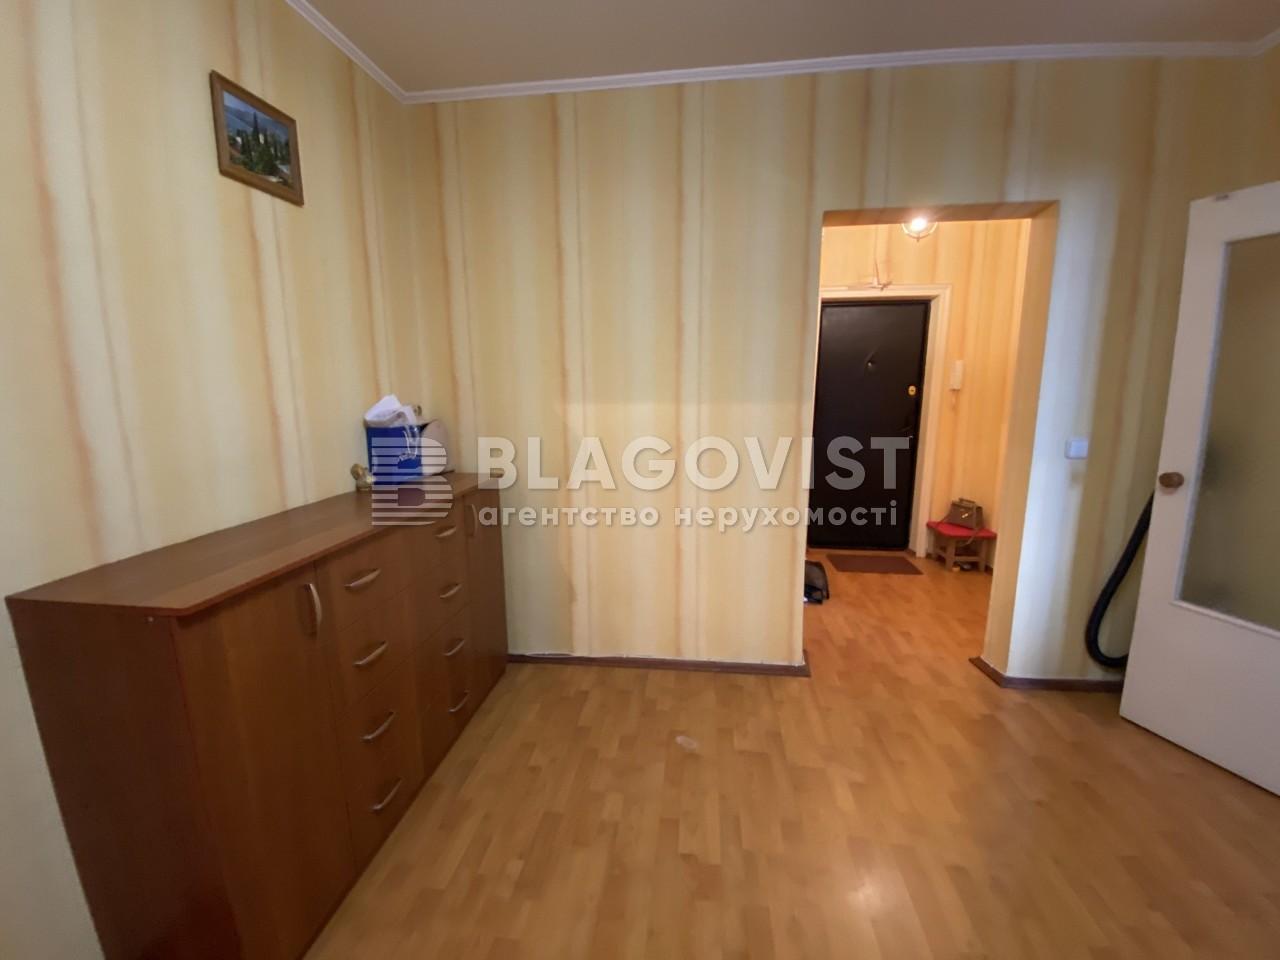 Квартира F-44579, Ревуцкого, 7, Киев - Фото 17